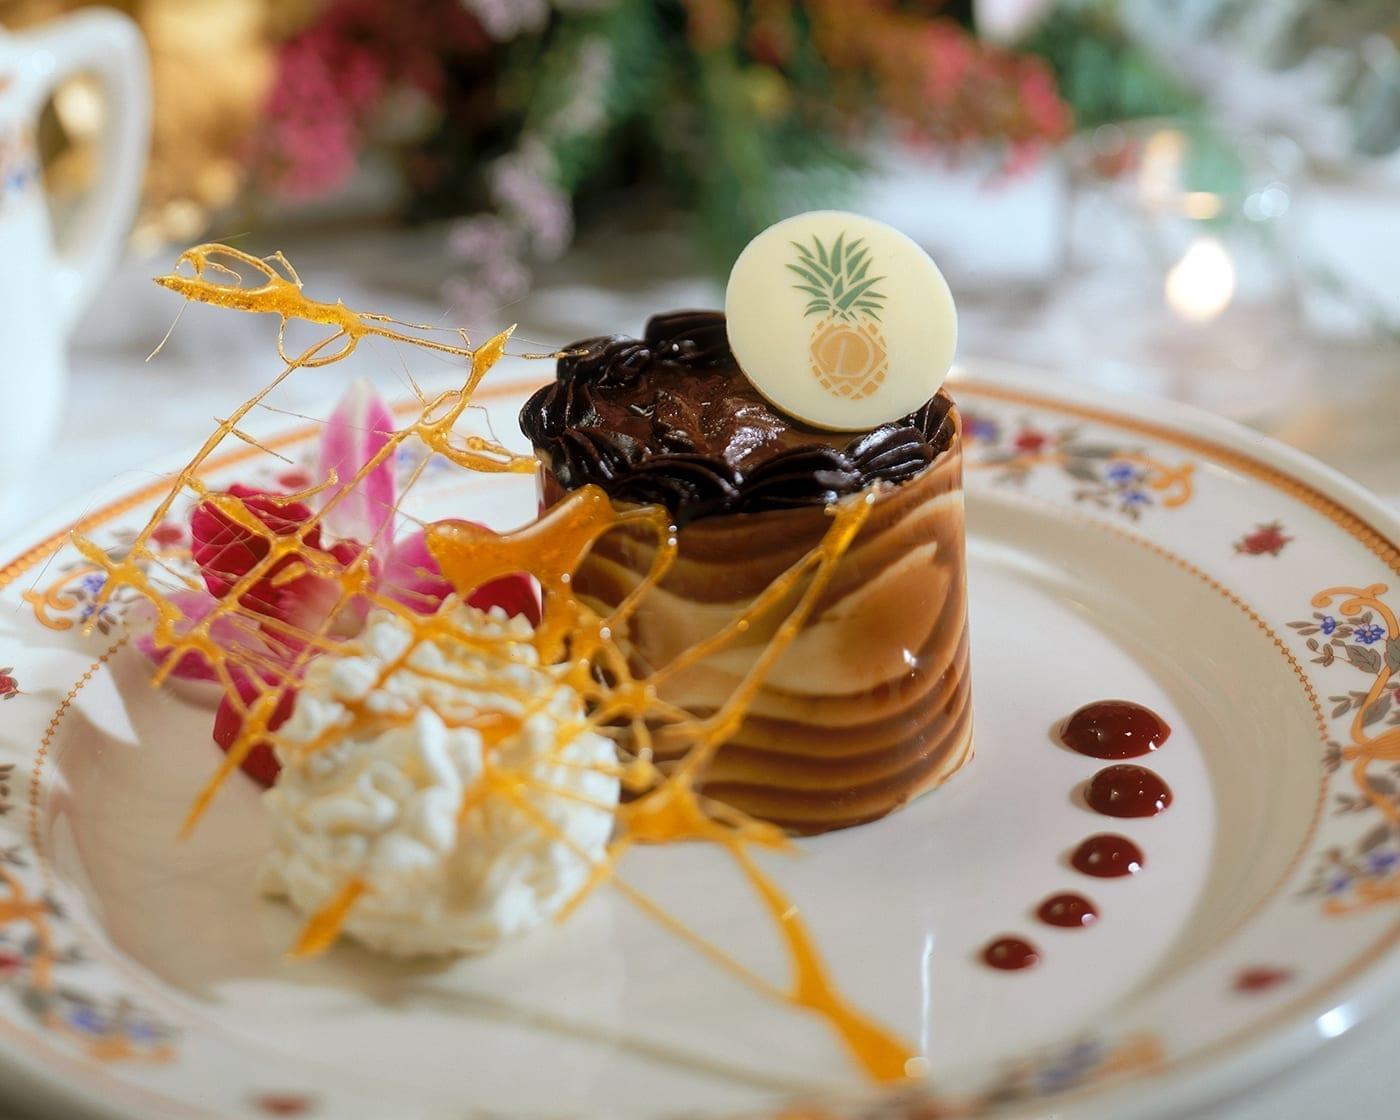 banquet-table-dessert